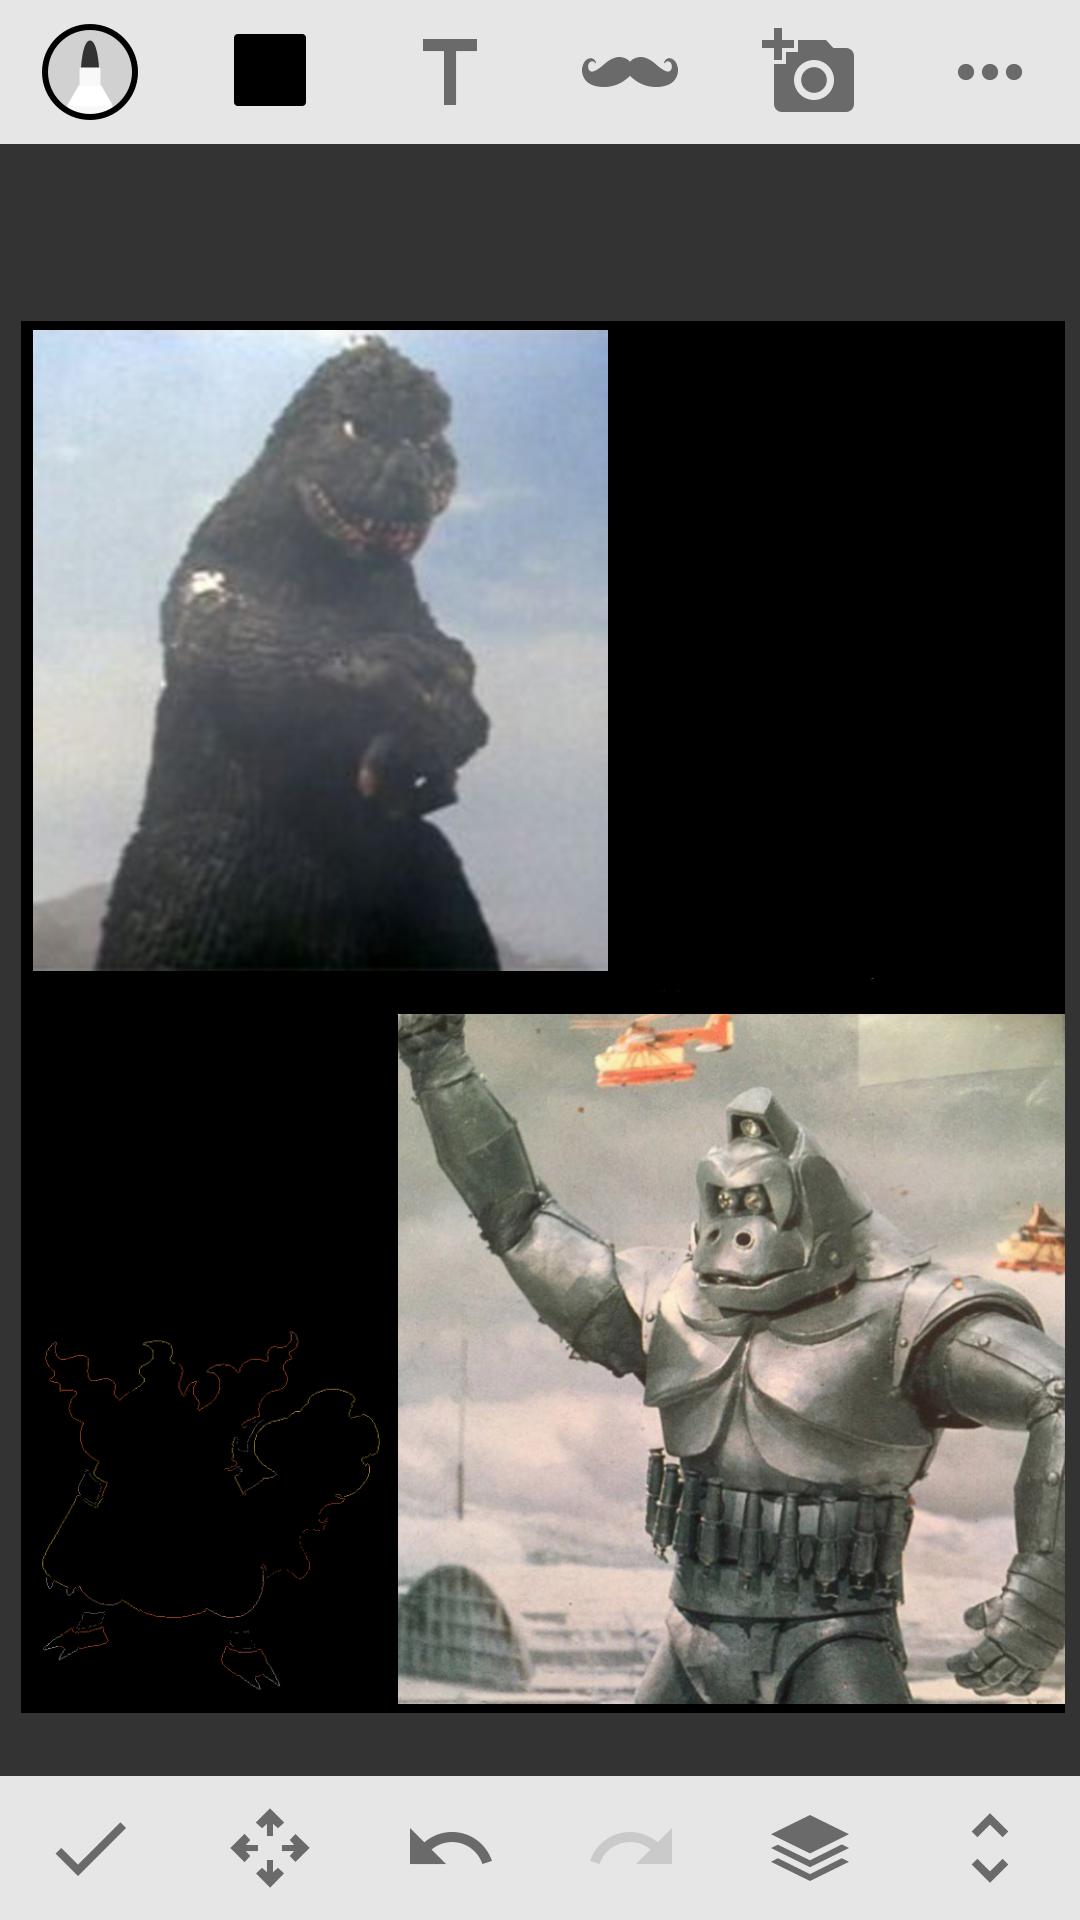 Fake-Godzilla vs Mechani-Kong